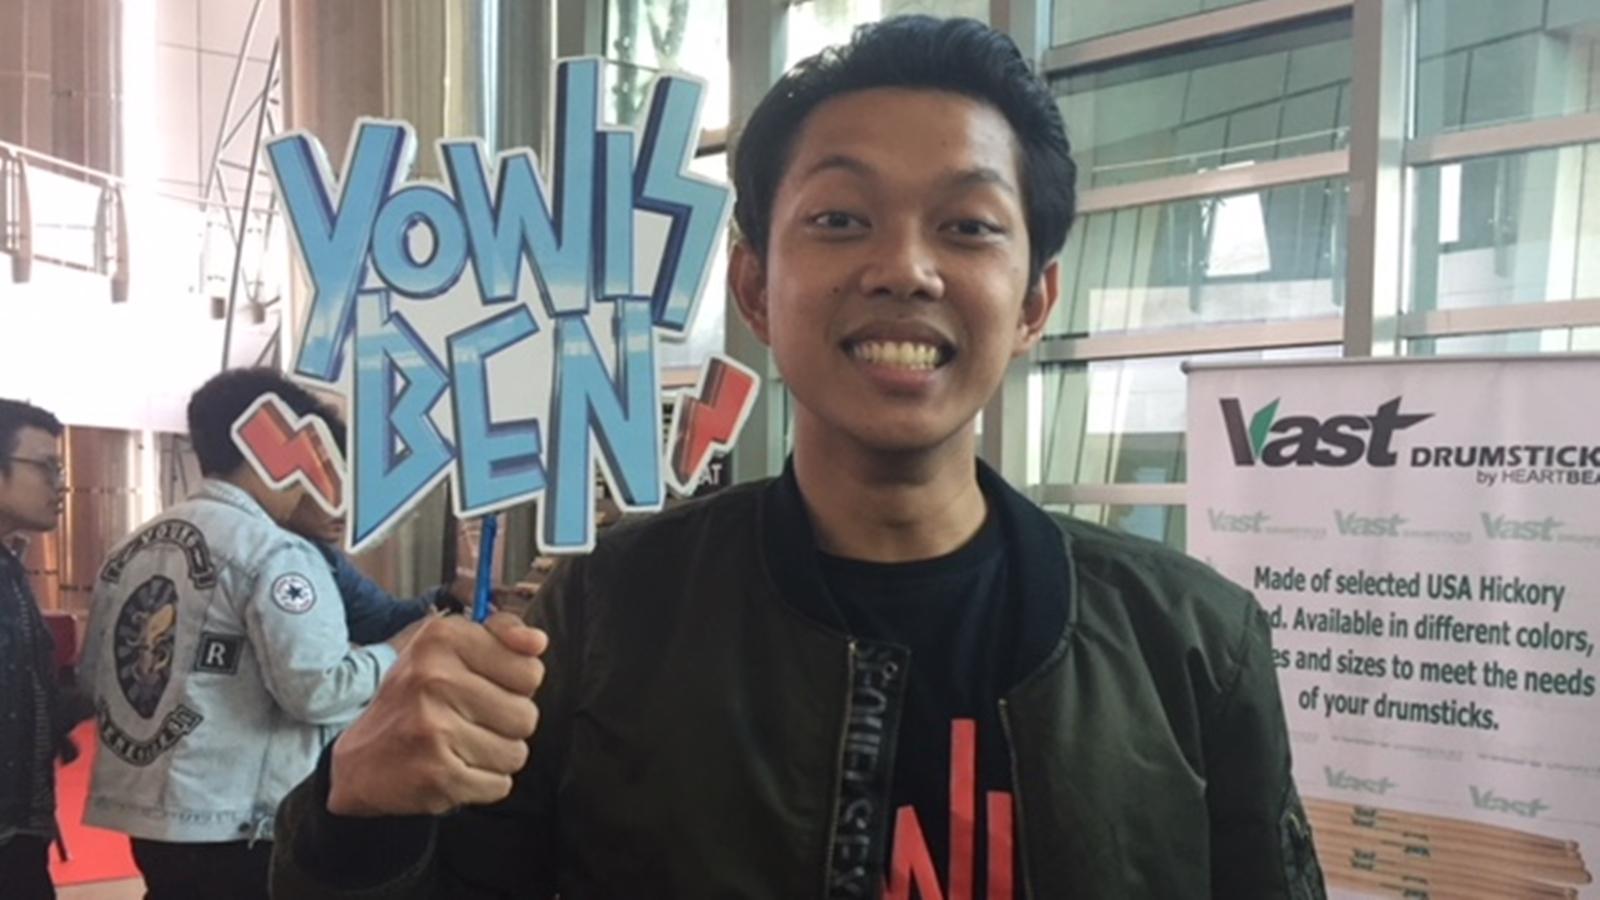 Yowis Ben Menang di FFB, Bayu Skak Ajak Sineas Angkat Kearifan Lokal